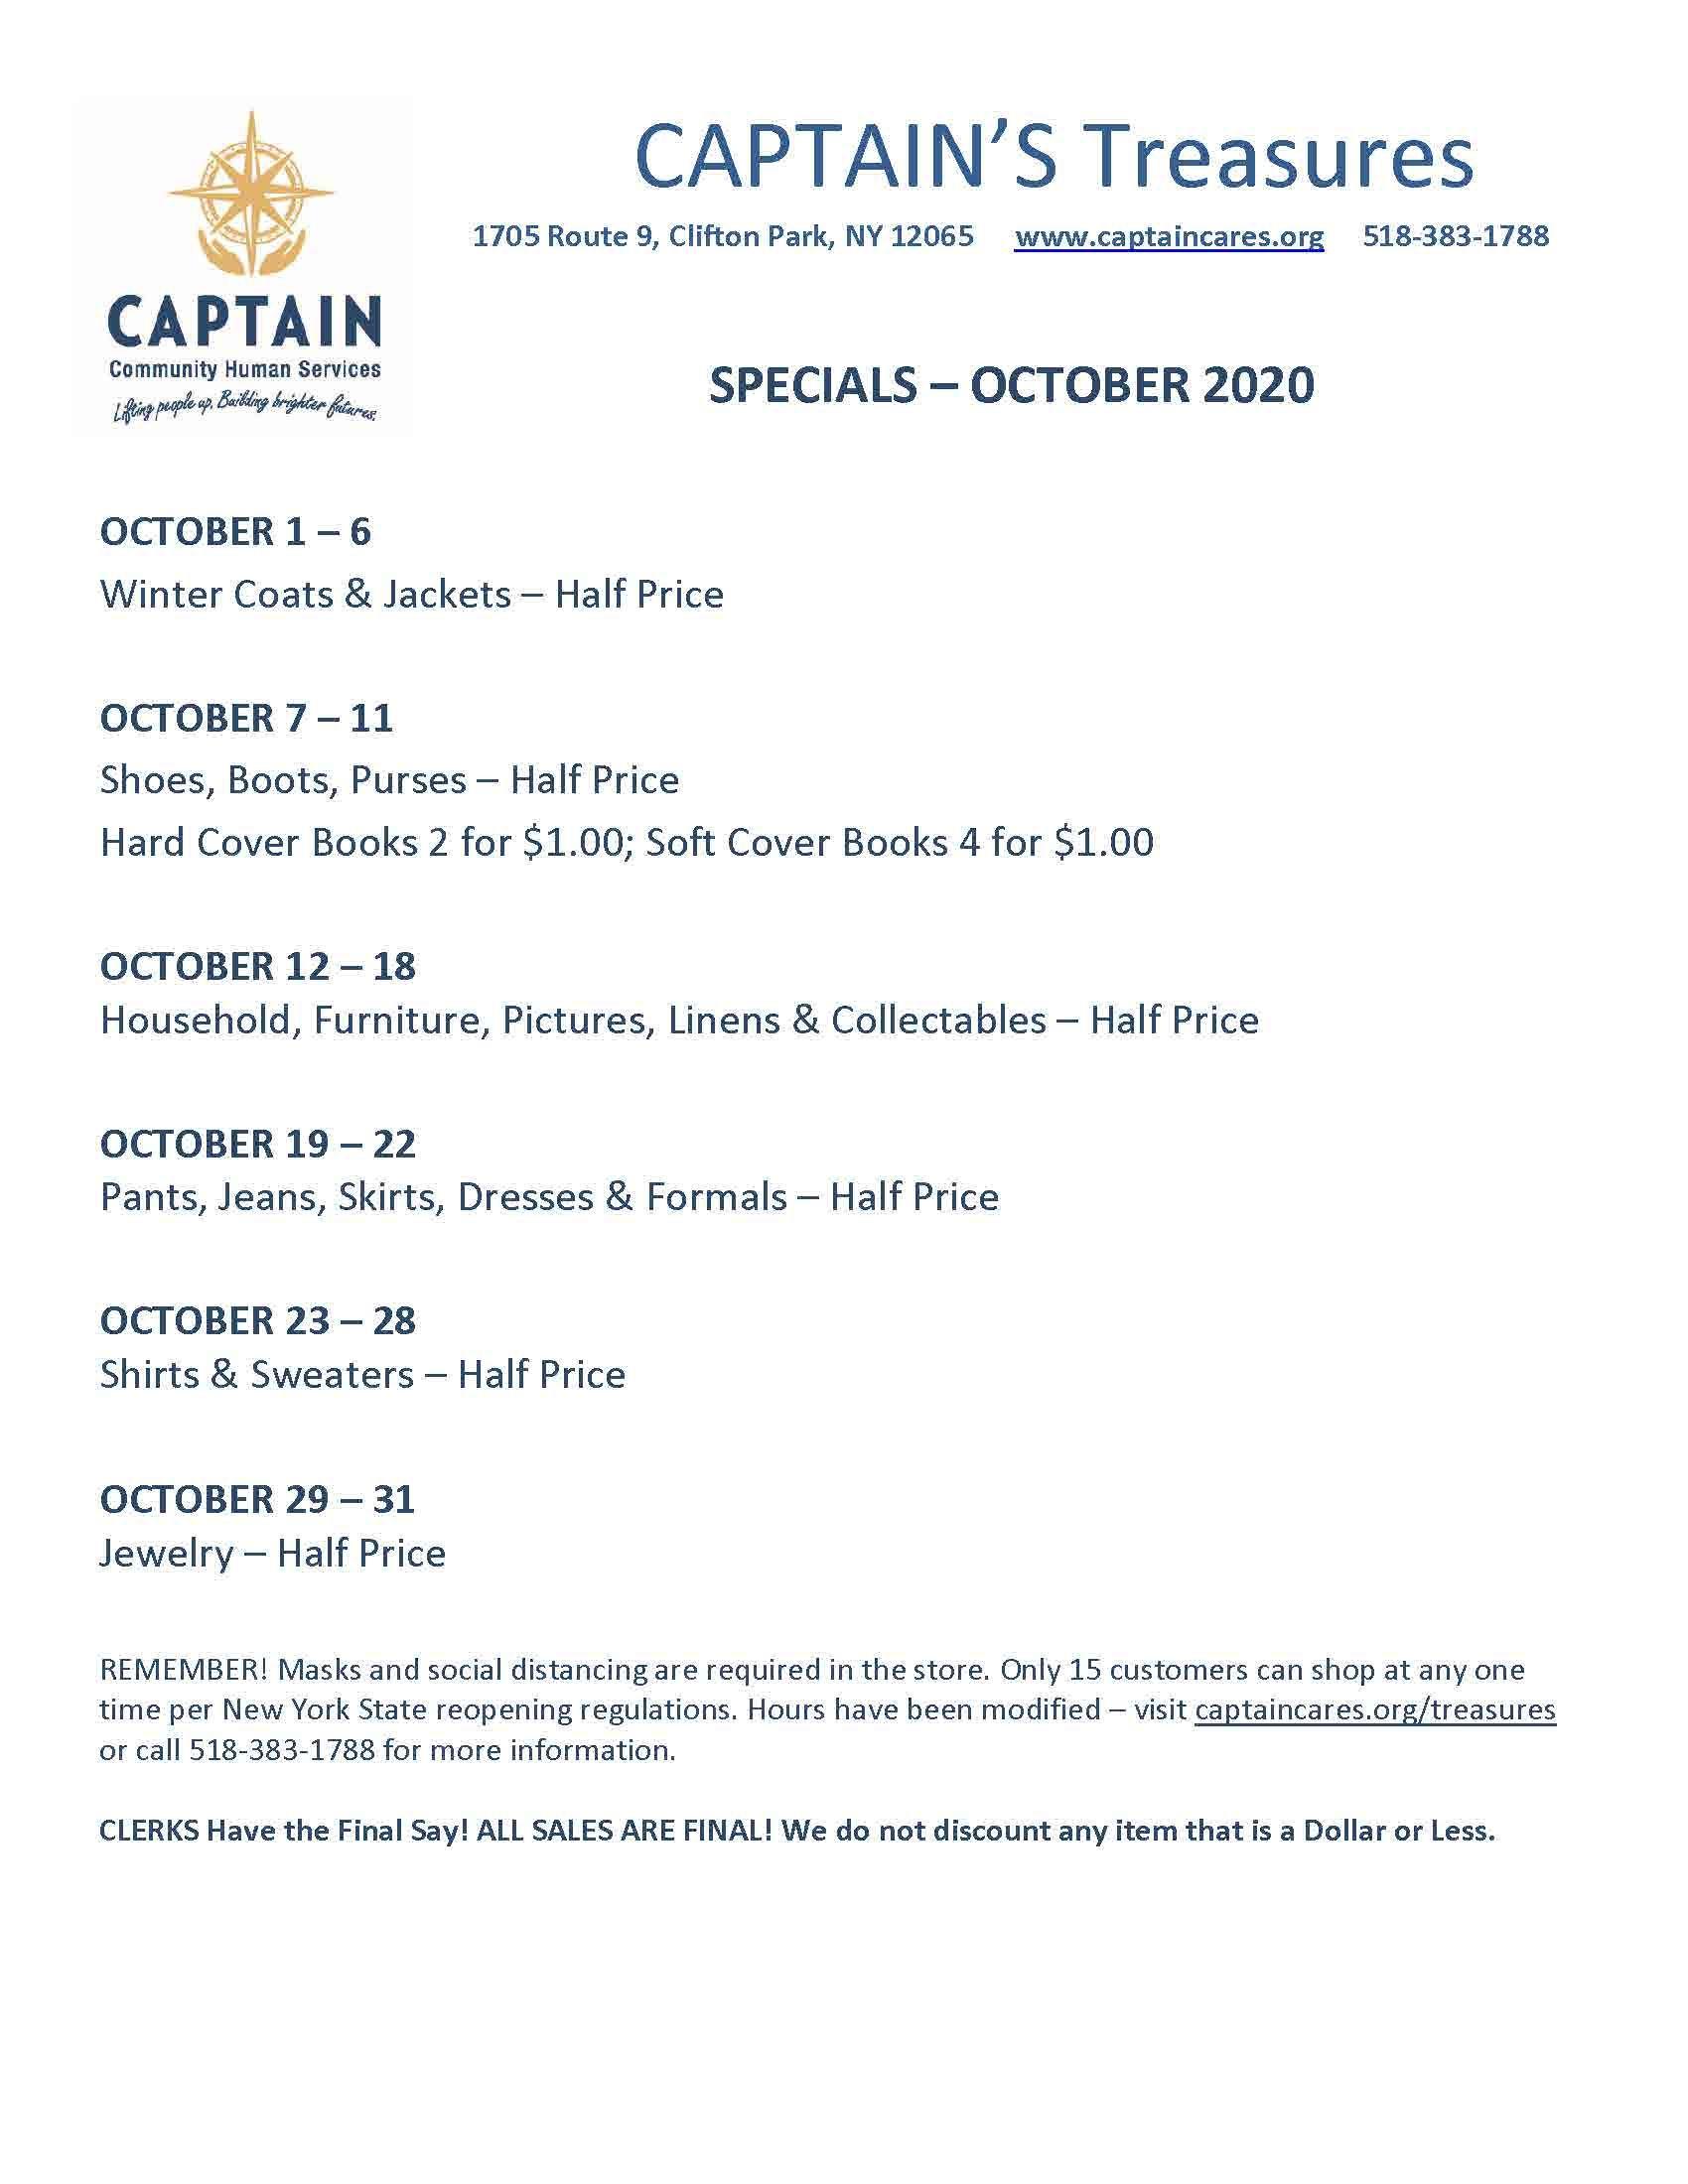 October 2020 Sales